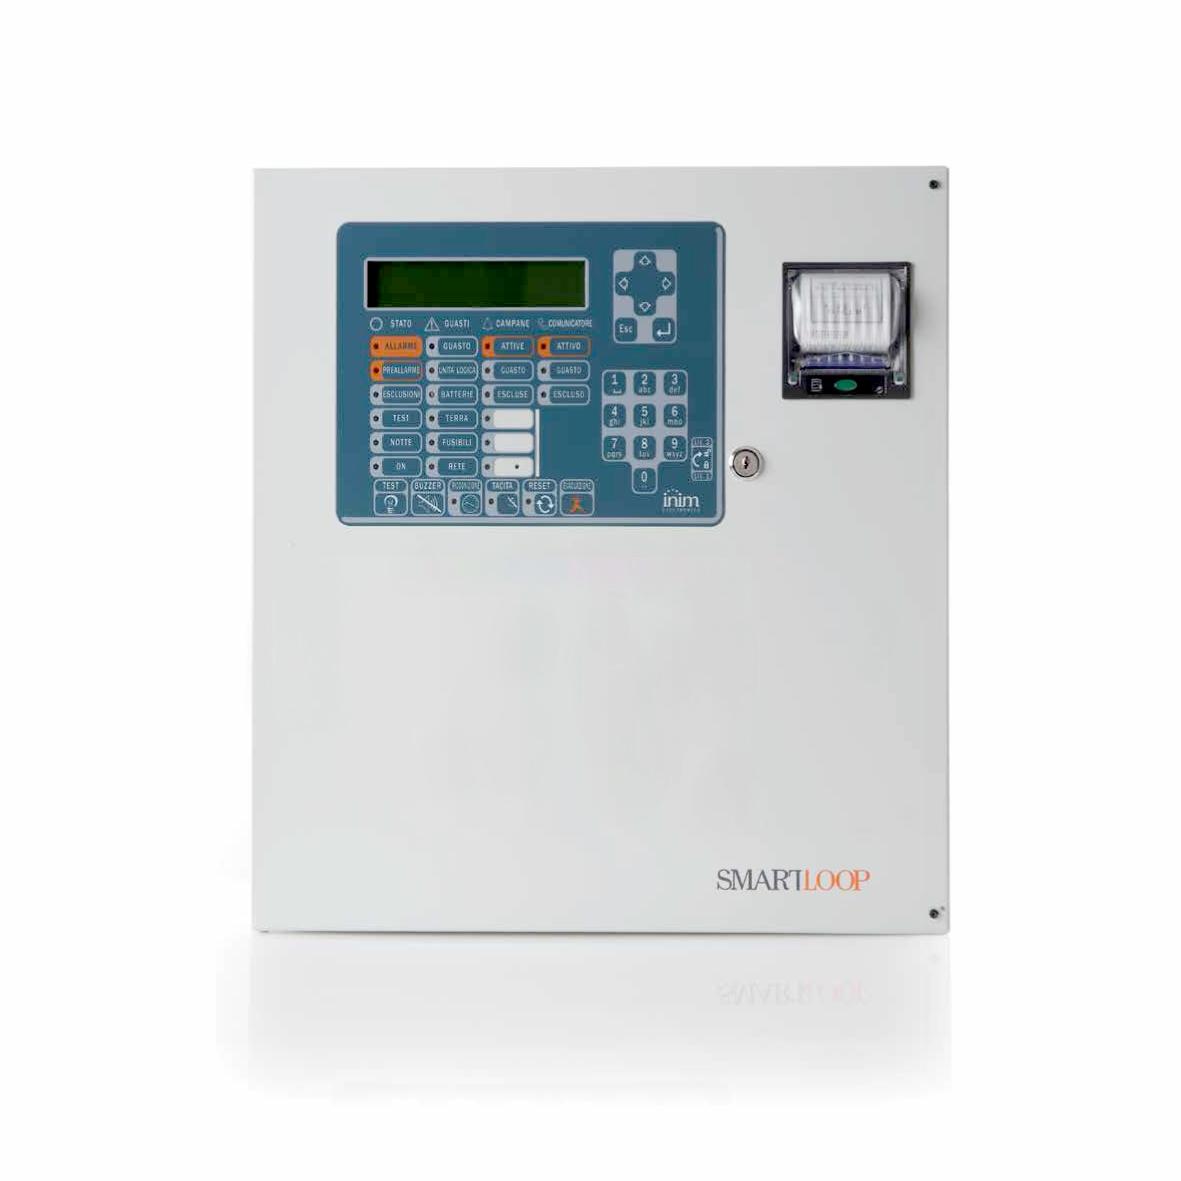 SmartLoop2080/P-G INIM Adresowalna centrala przeciwpożarowa z obsługą do 480 urządzeń wyposażona w klawiaturę i wyświetlacz, rozszerzalna do 8 pętli, możliwość rozbudowy o drukarkę termiczną